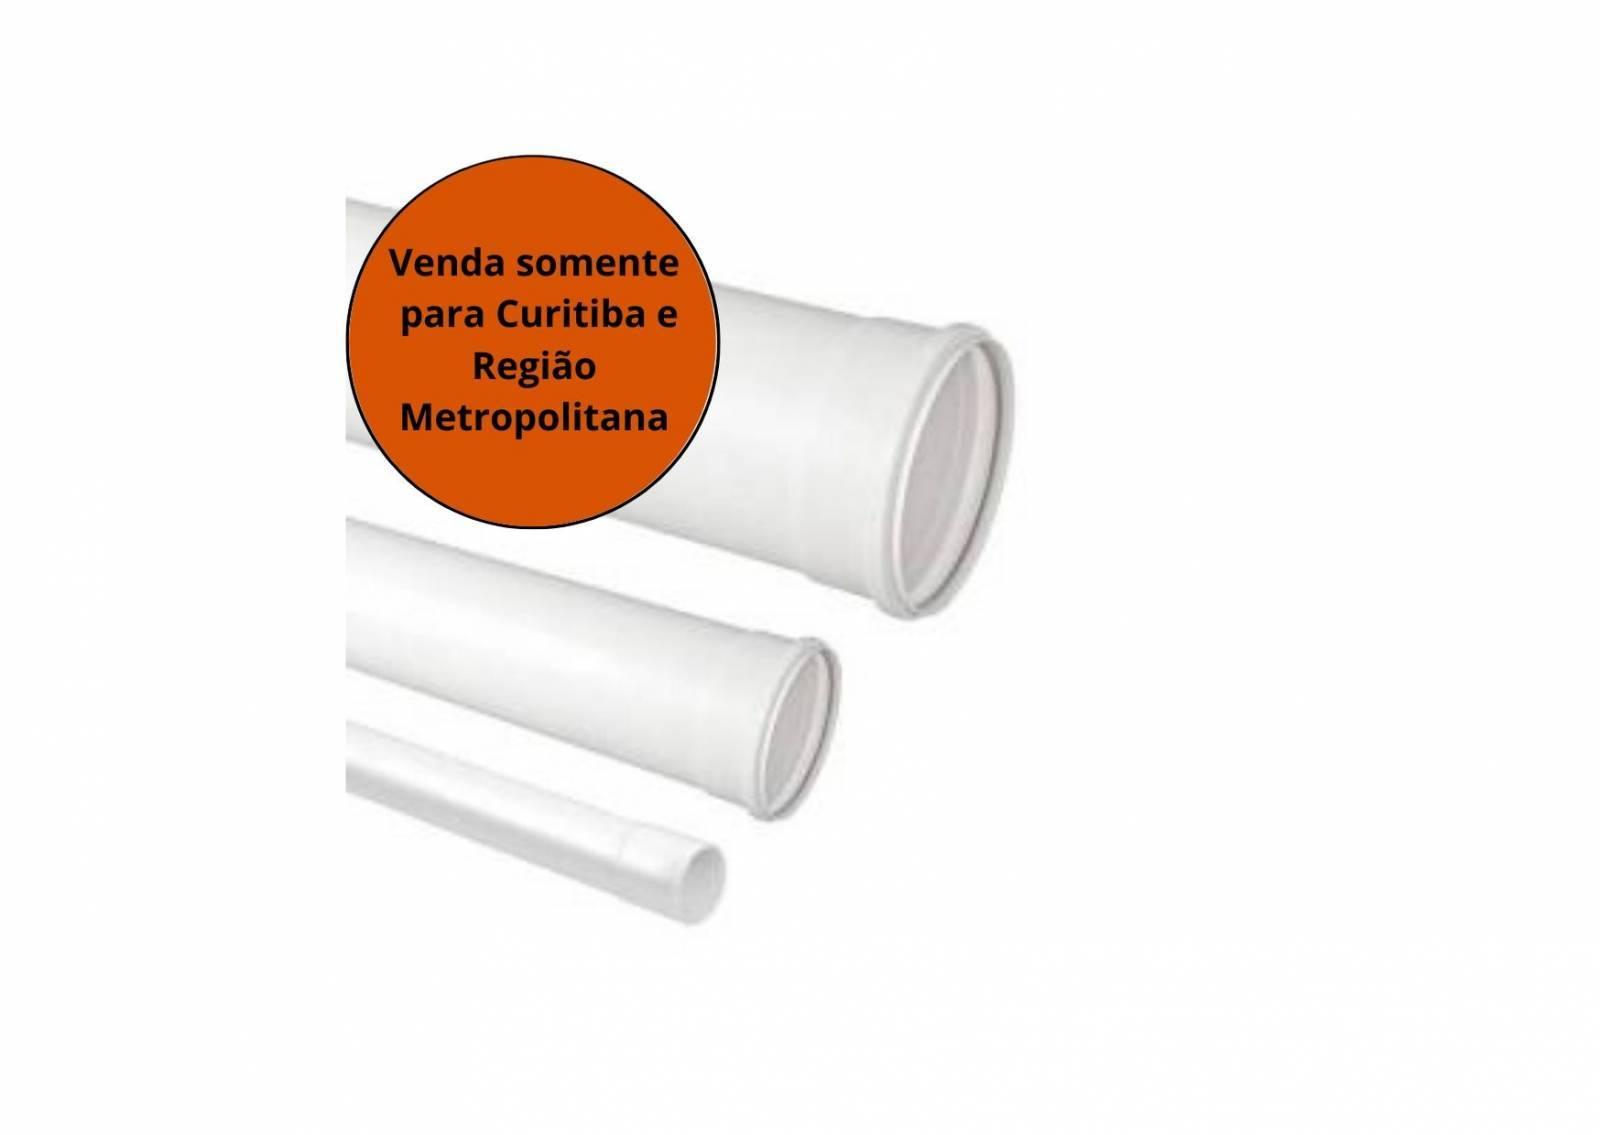 Tubo Esgoto 150MM 6M Multilit - MATERGI MATERIAIS DE CONSTRUÇÃO